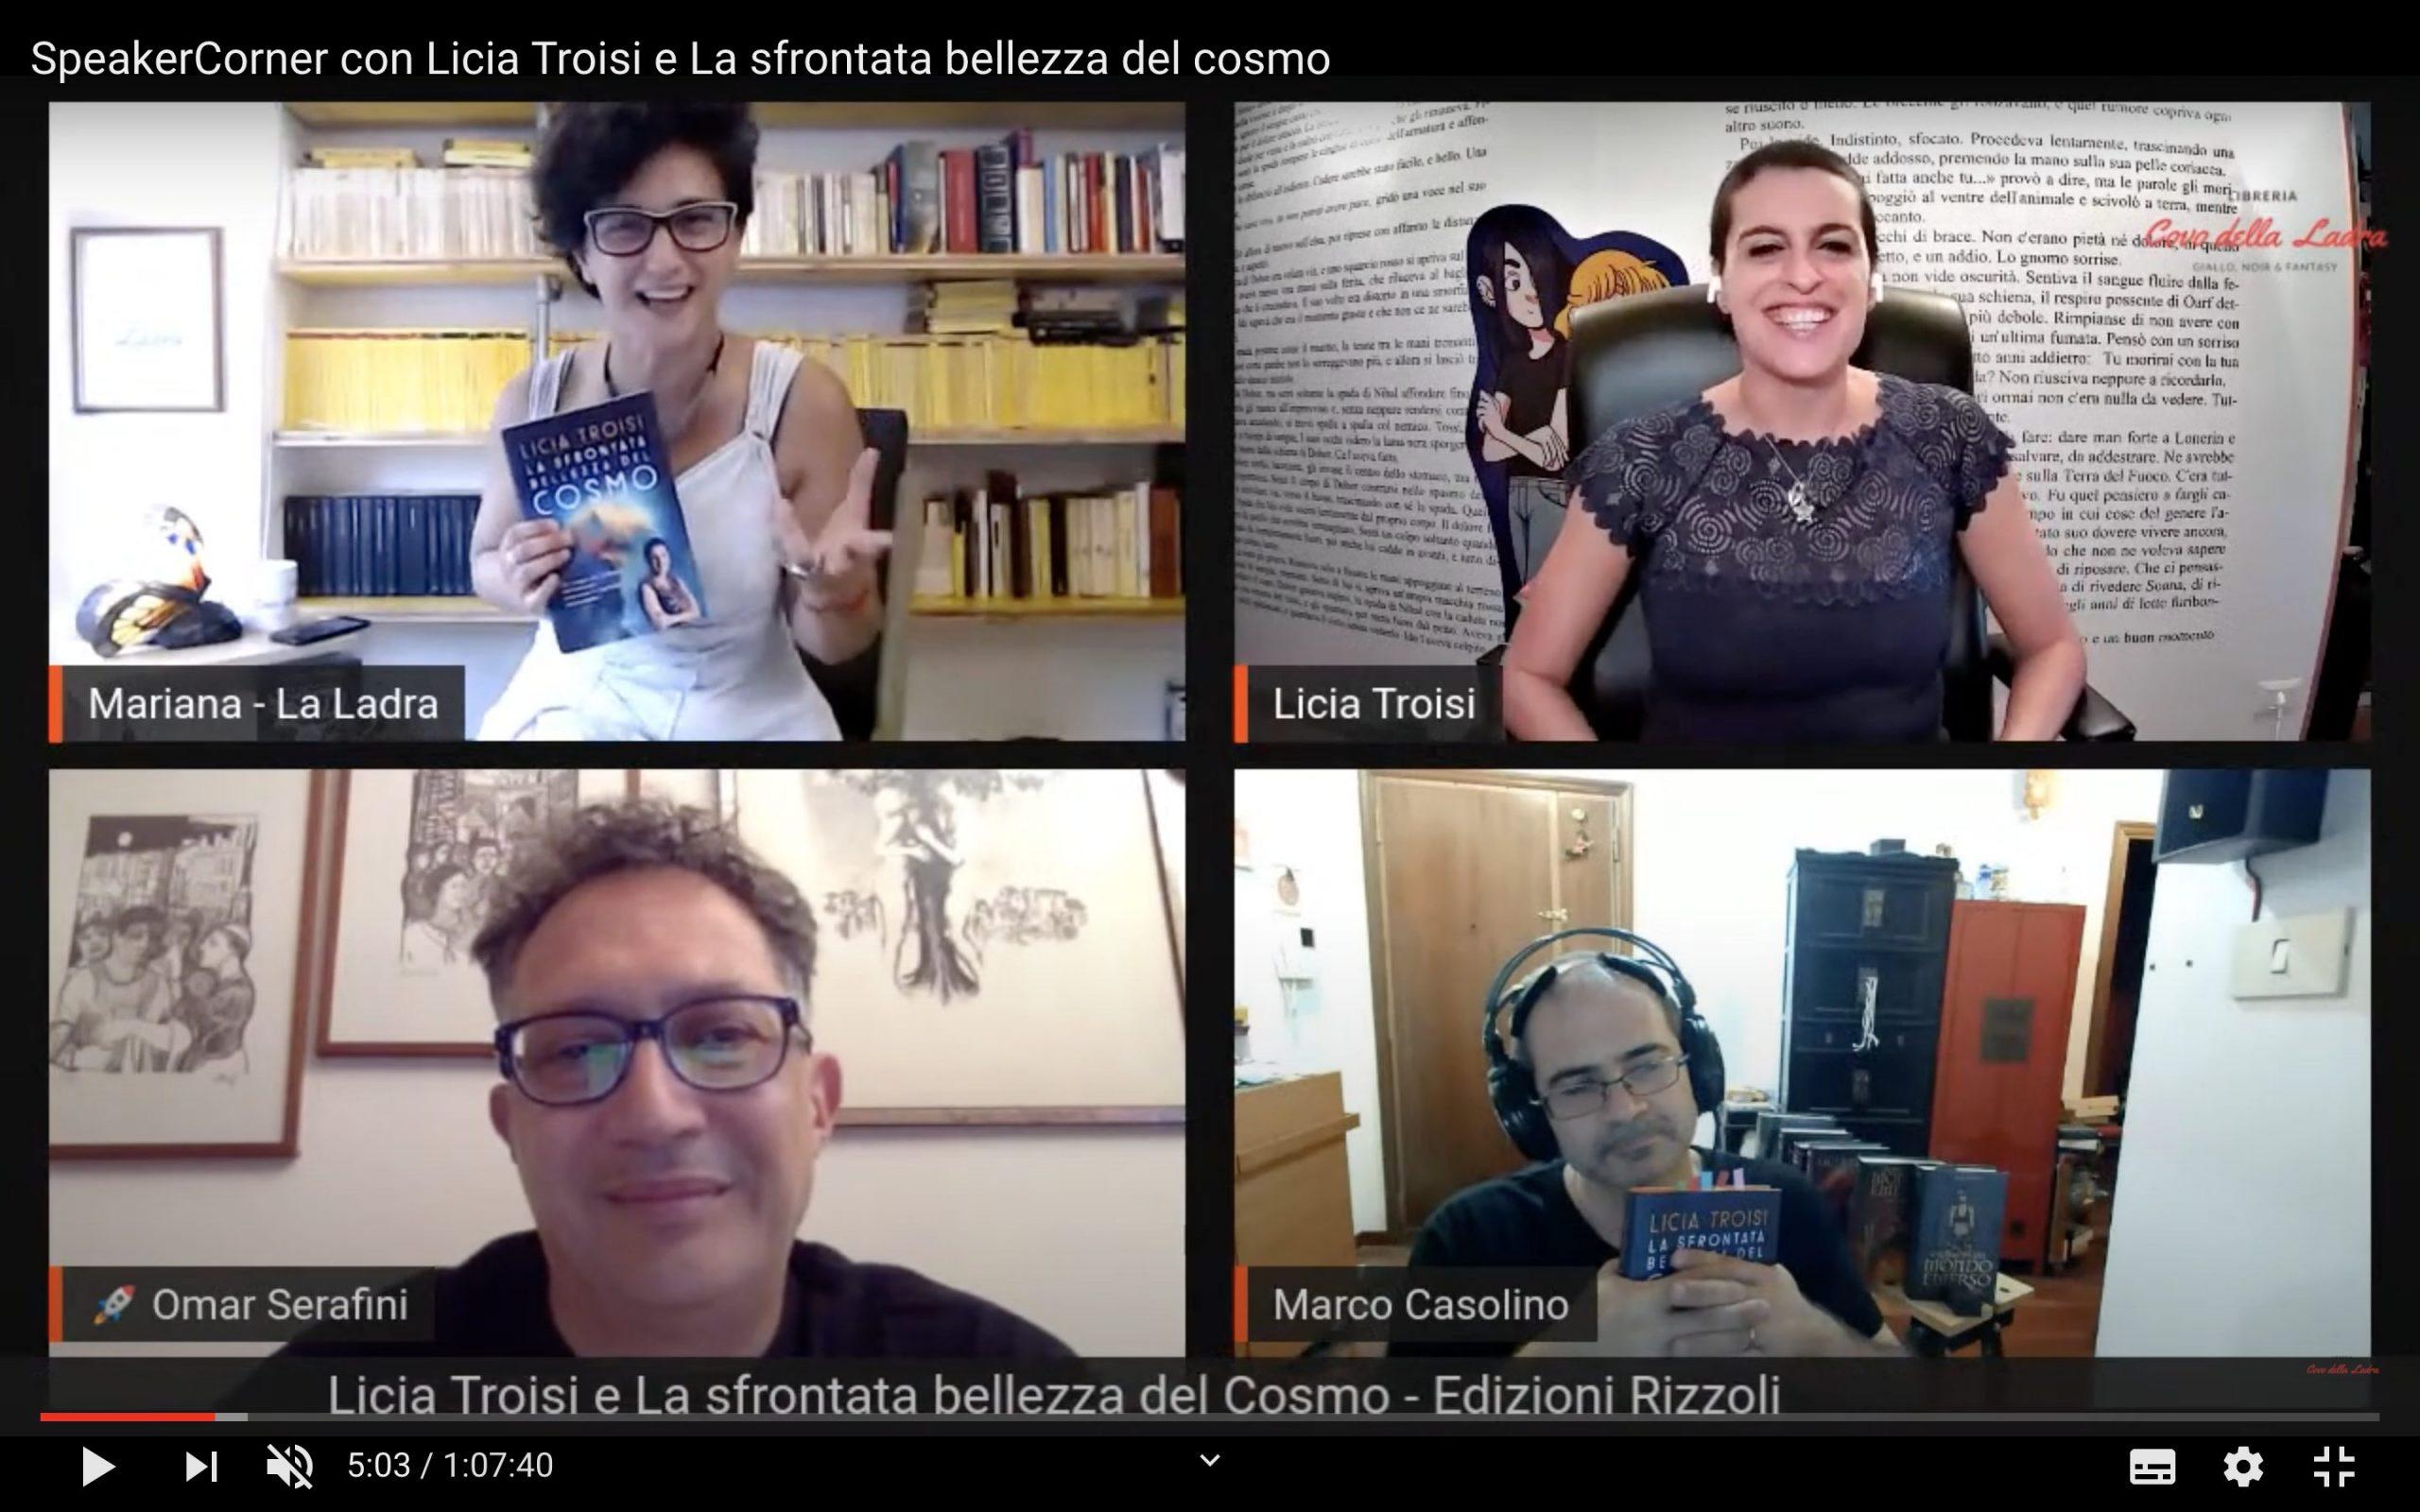 SpeakerCorner con Licia Troisi e La sfrontata bellezza del cosmo